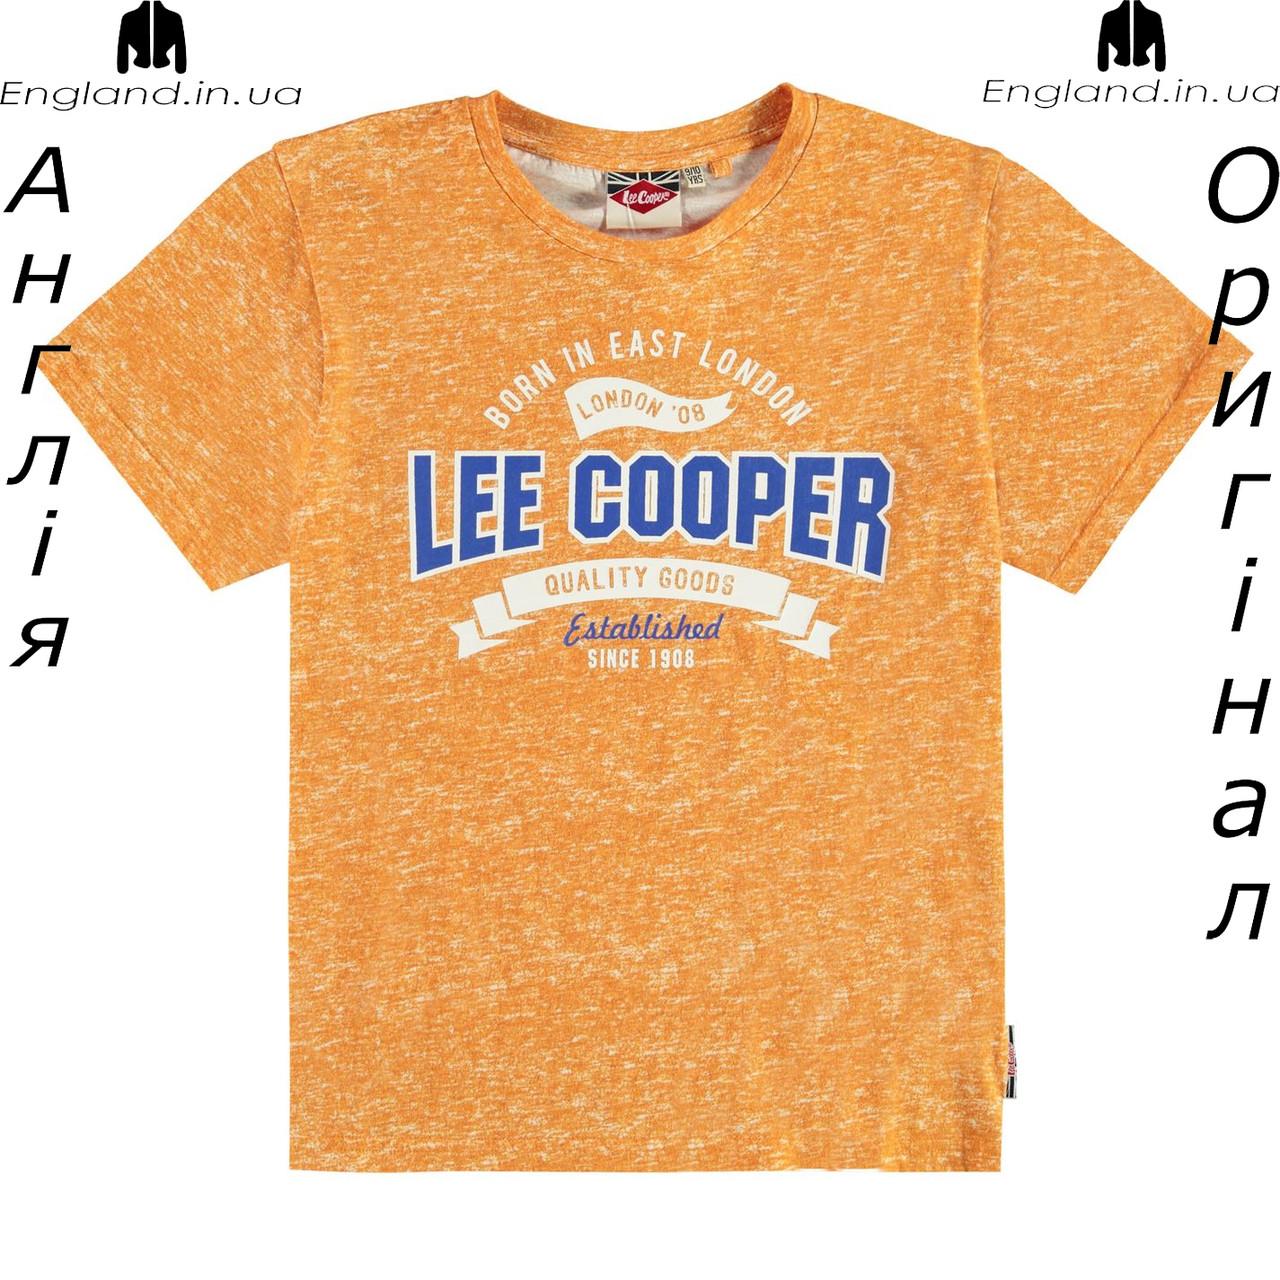 Футболка Lee Cooper из Англии для мальчиков 2-14 лет